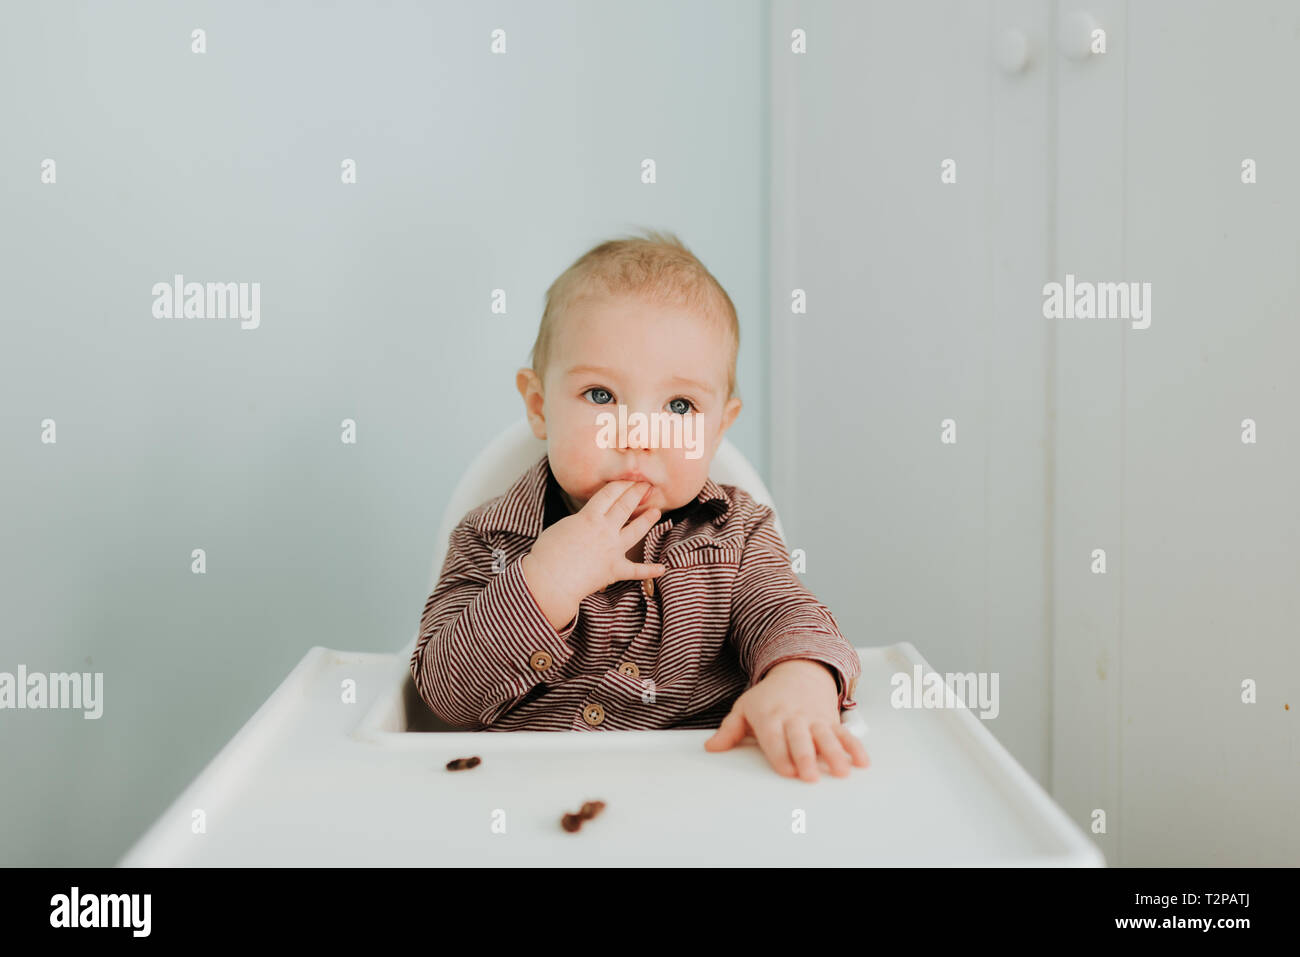 Bébé garçon dans une chaise haute, portrait Banque D'Images